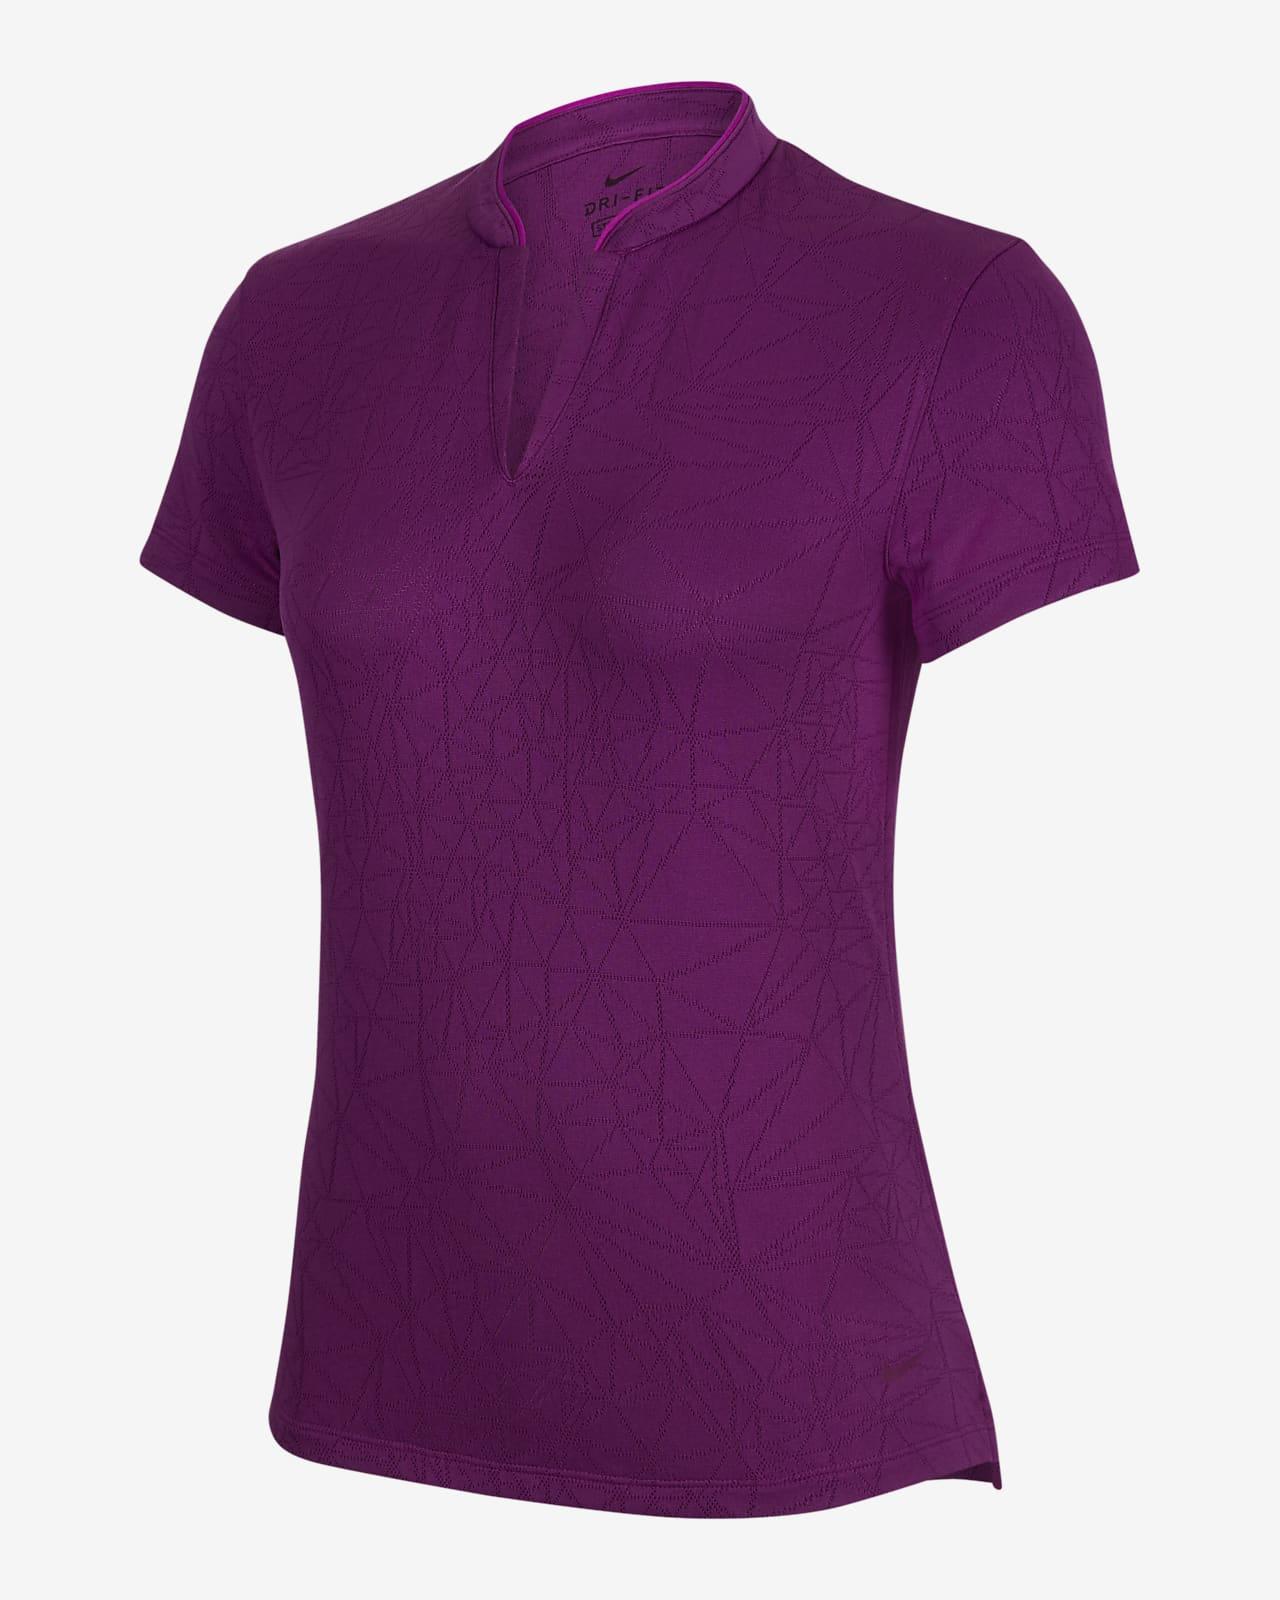 เสื้อโปโลกอล์ฟผู้หญิง Nike Breathe